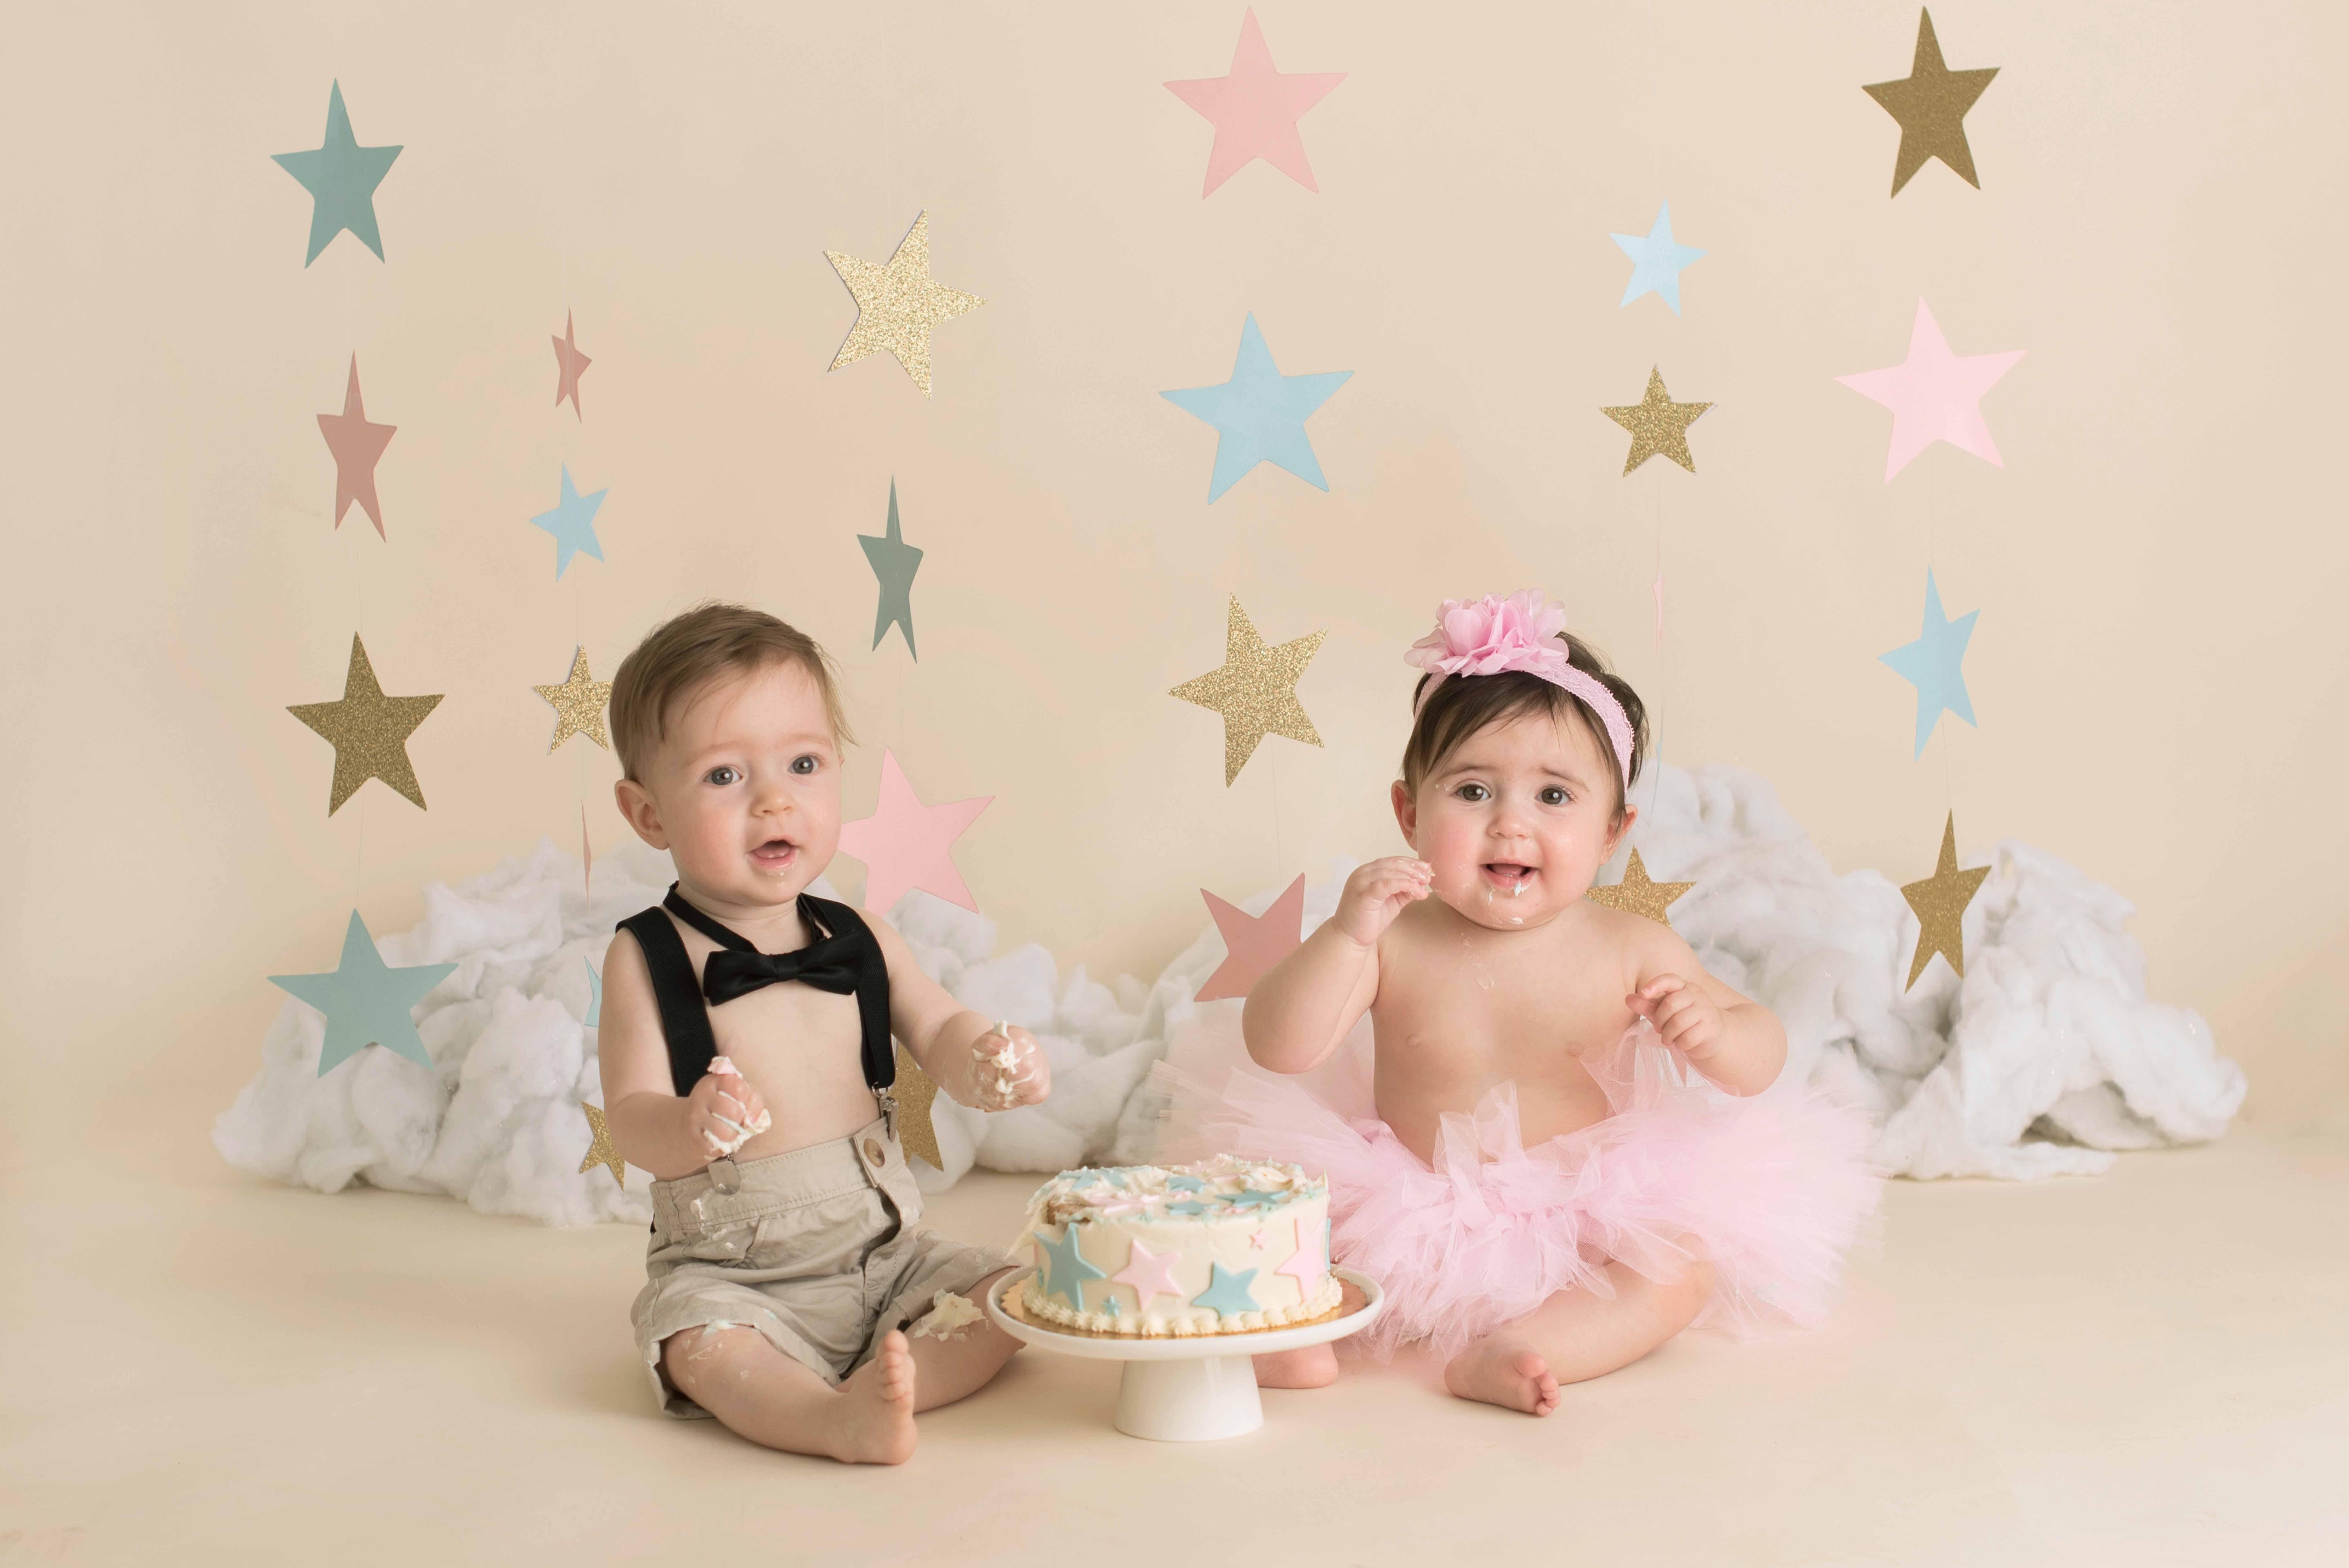 star twin cake smash photography albany ny